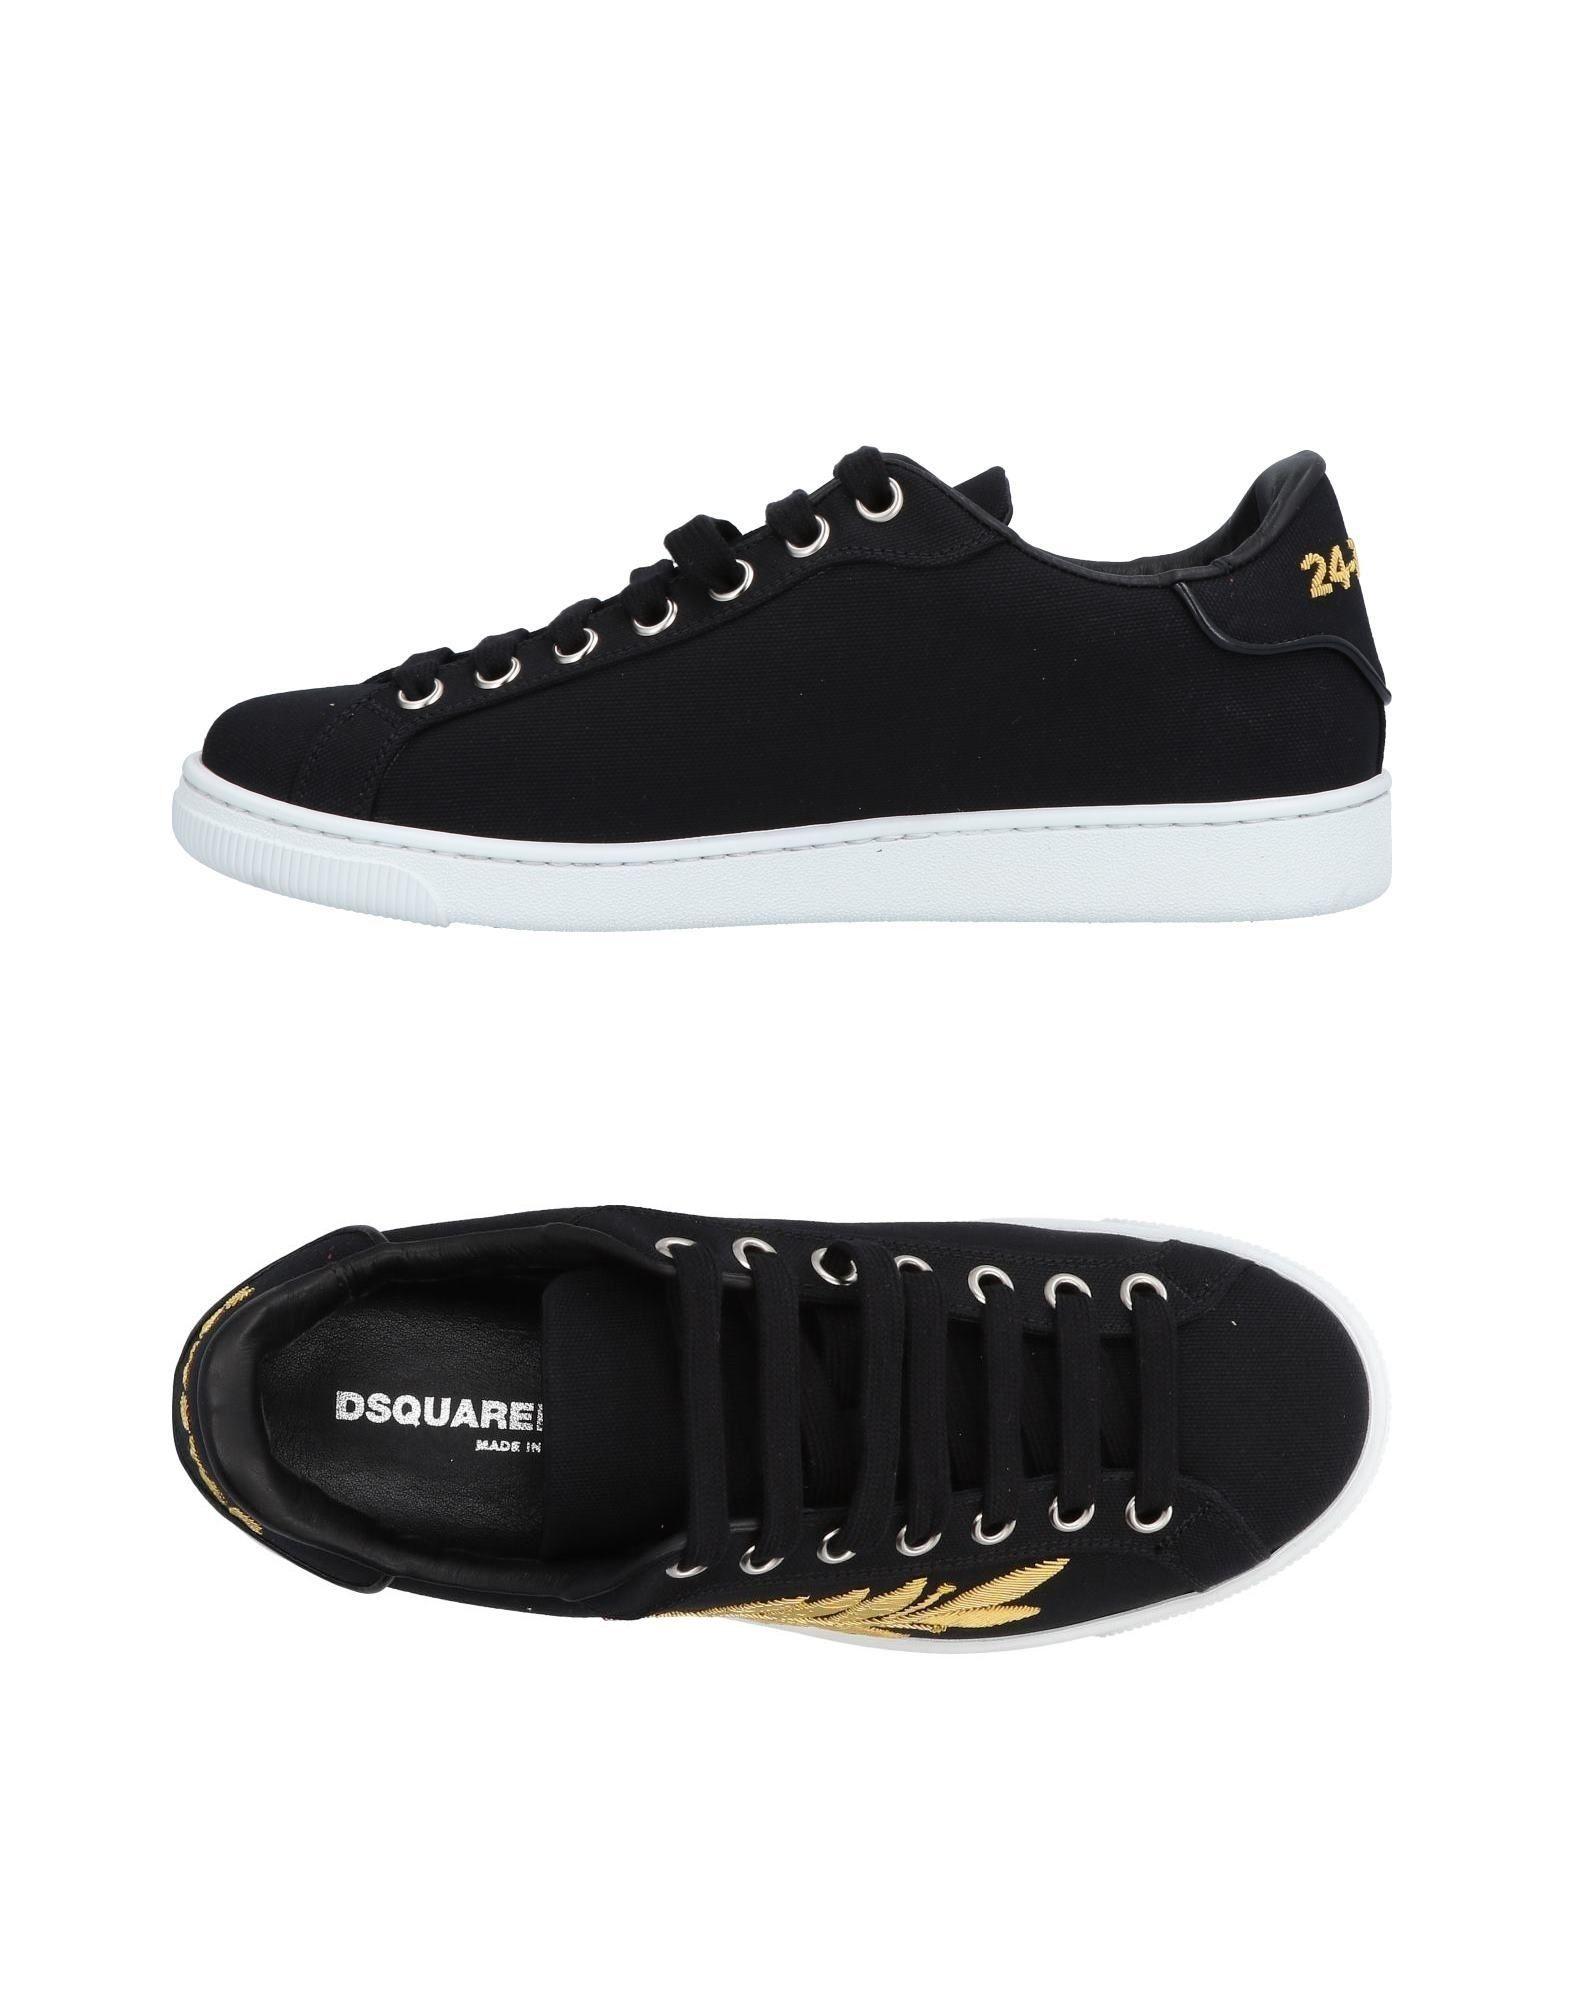 Dsquared2 Sneakers Herren  11488143IJ Gute Qualität beliebte Schuhe